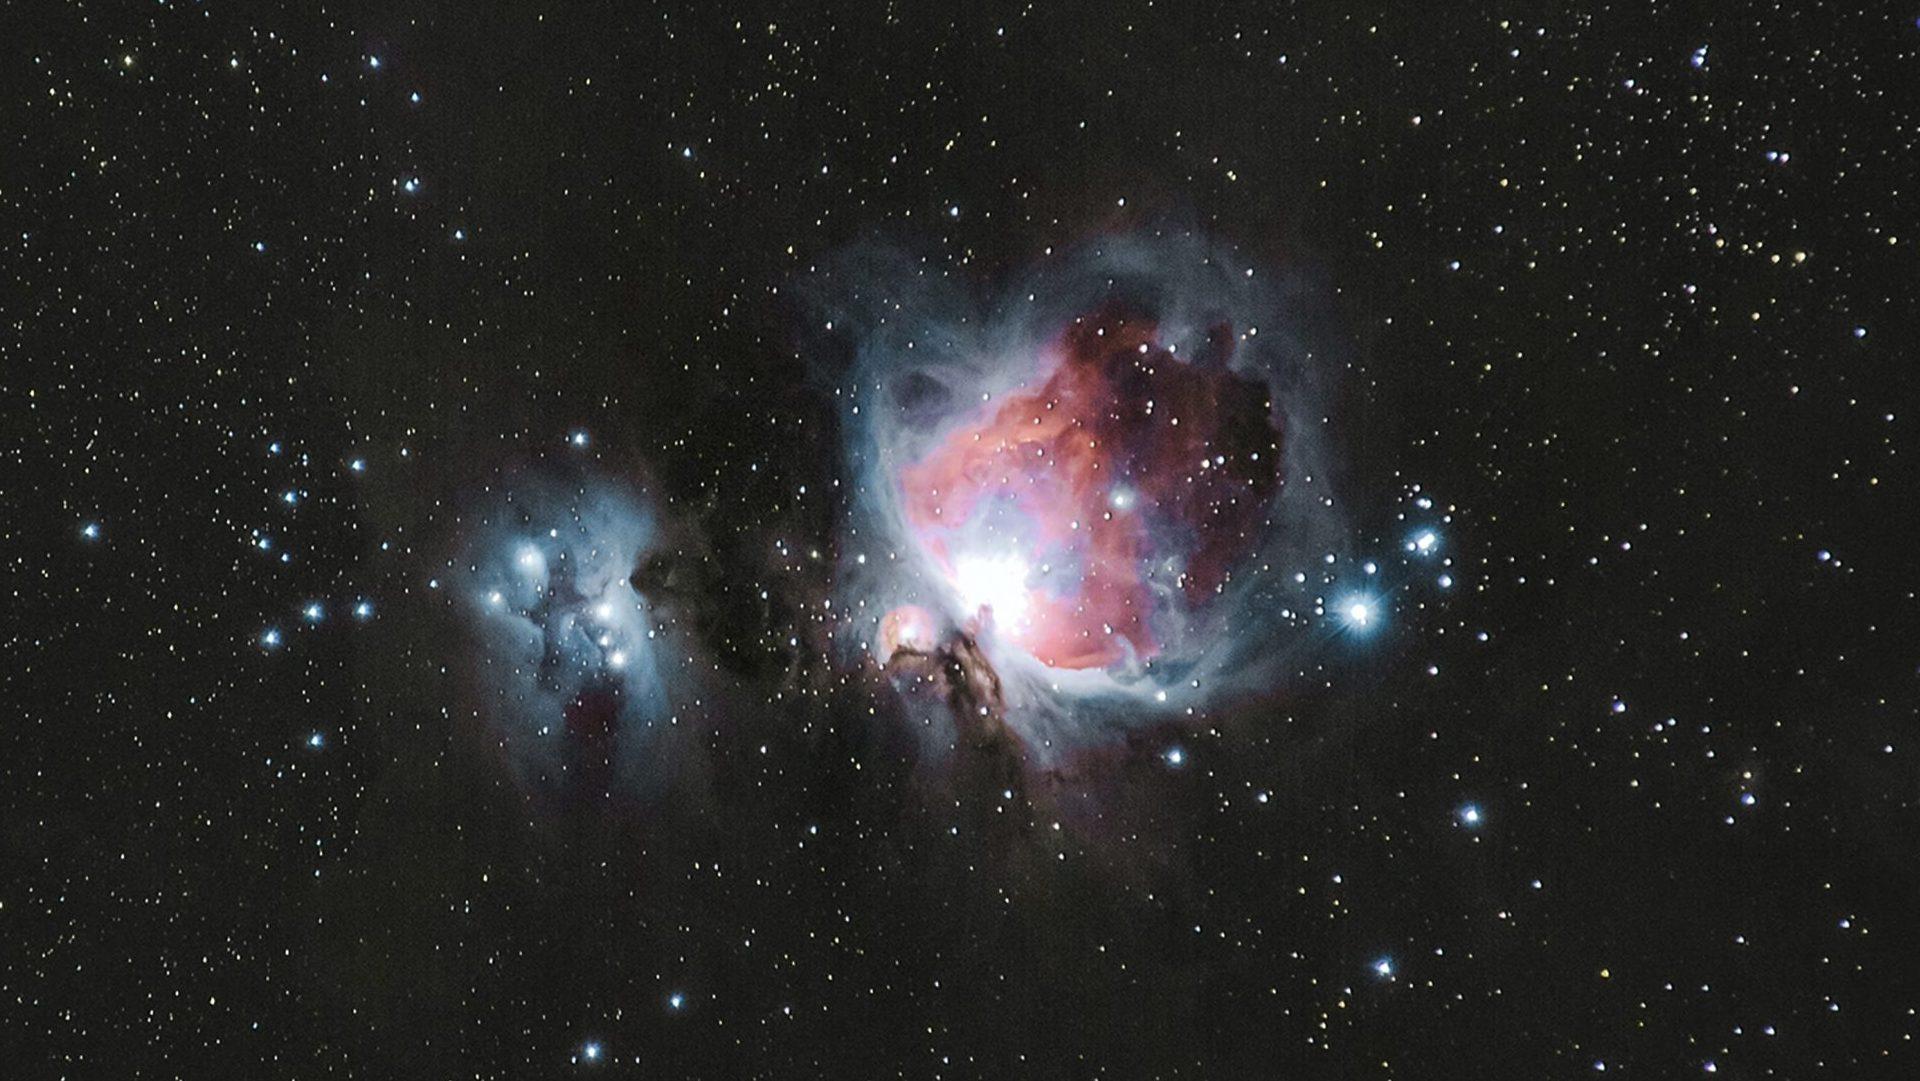 Os 24 melhores planetas para a vida fora da terra. Será que existe vida fora da terra? Bom, vida não sabemos, mas que existem planetas capazes de acomodá-la, isso com certeza